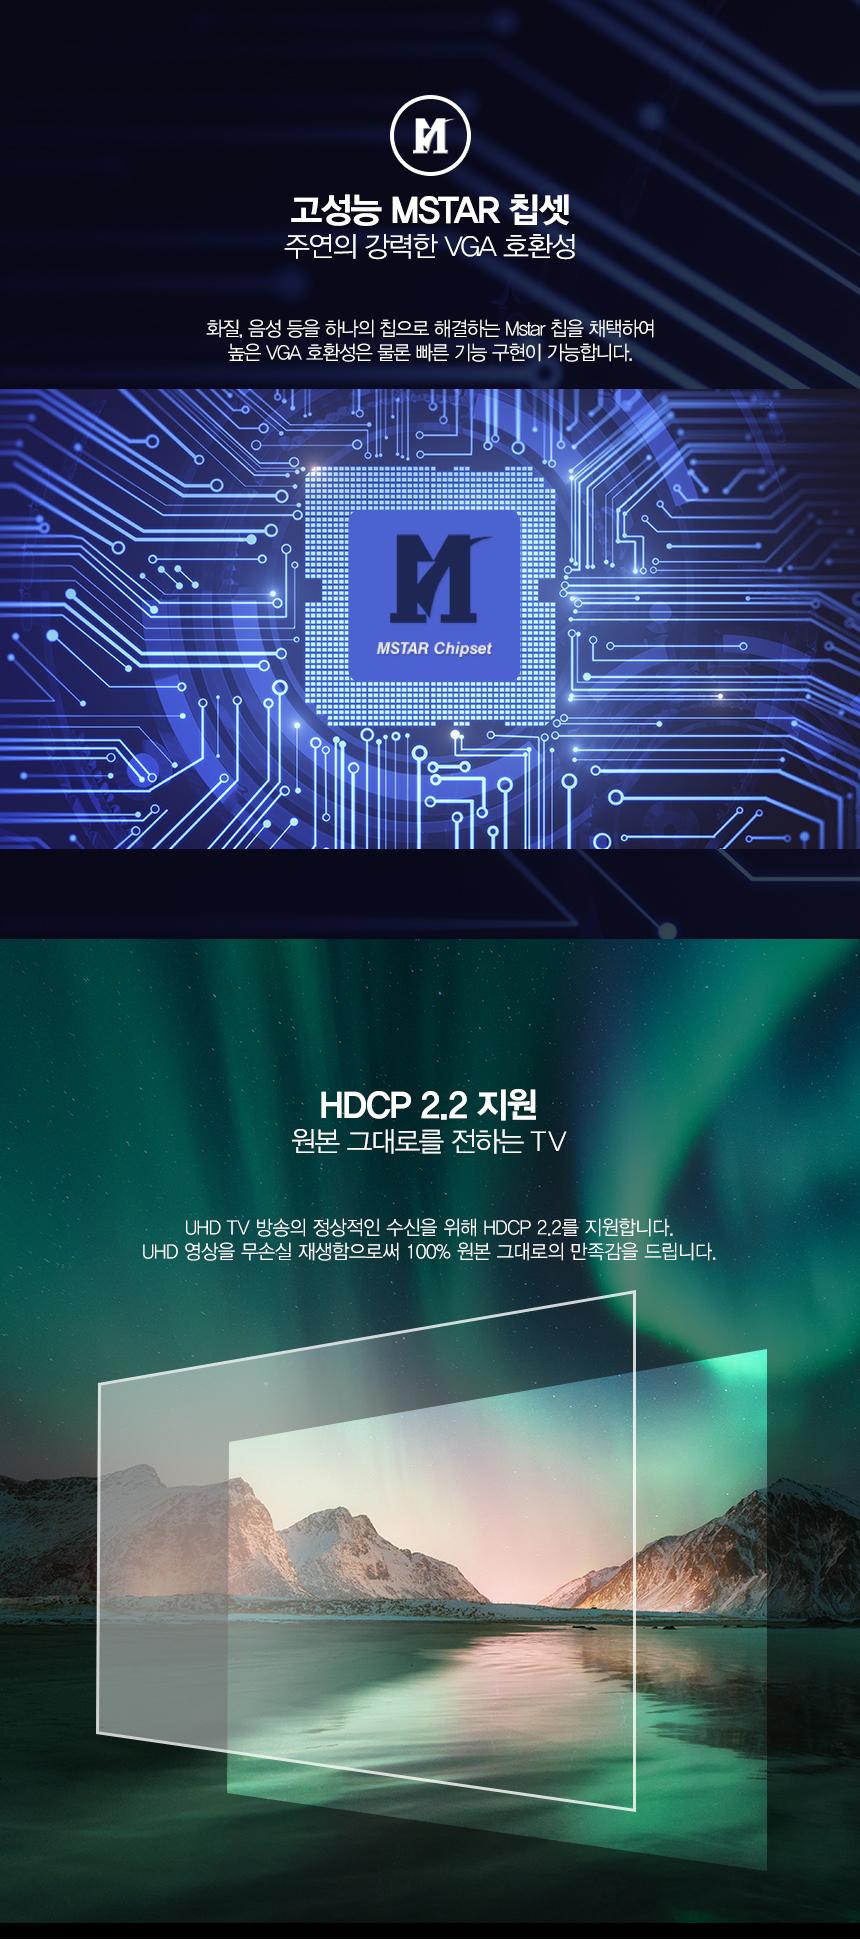 주연전자 65인치 무결점 UHD HDR_LG 패널J65HDR-D4899,000원-다온비지니스생활/가전, 생활가전, TV, 스탠드바보사랑주연전자 65인치 무결점 UHD HDR_LG 패널J65HDR-D4899,000원-다온비지니스생활/가전, 생활가전, TV, 스탠드바보사랑